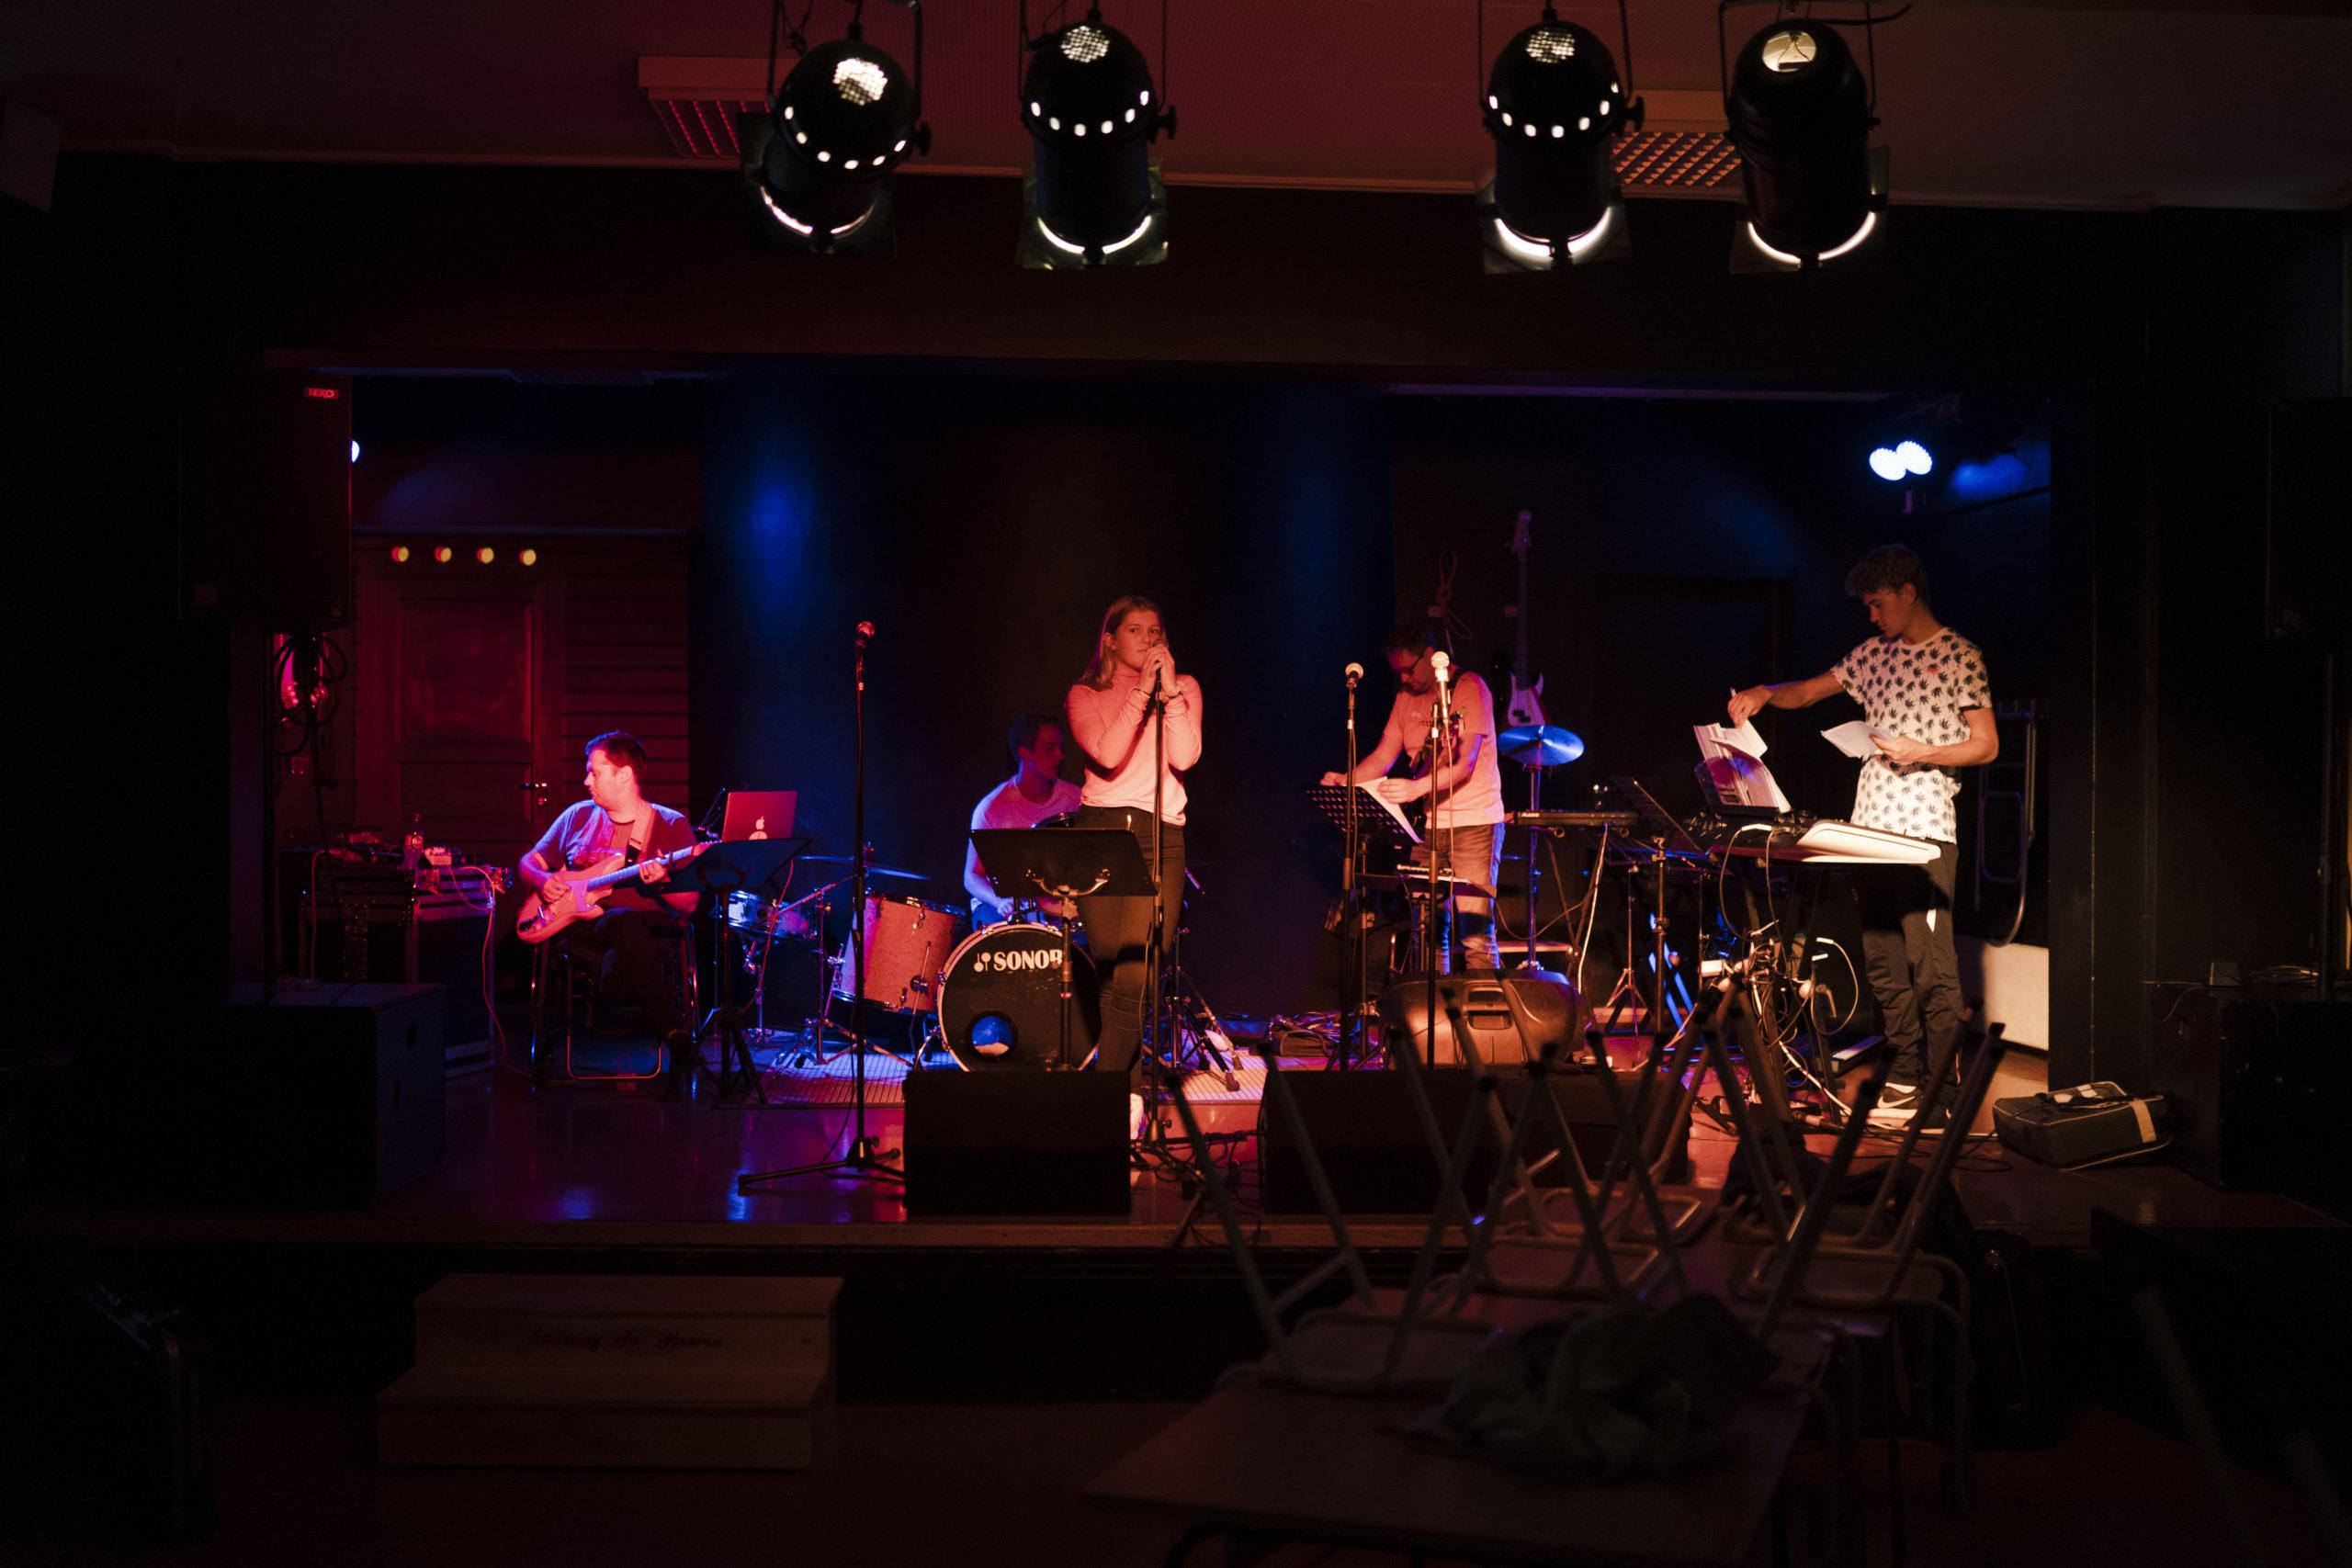 Bilete frå konsert. Foto Skarv Studio